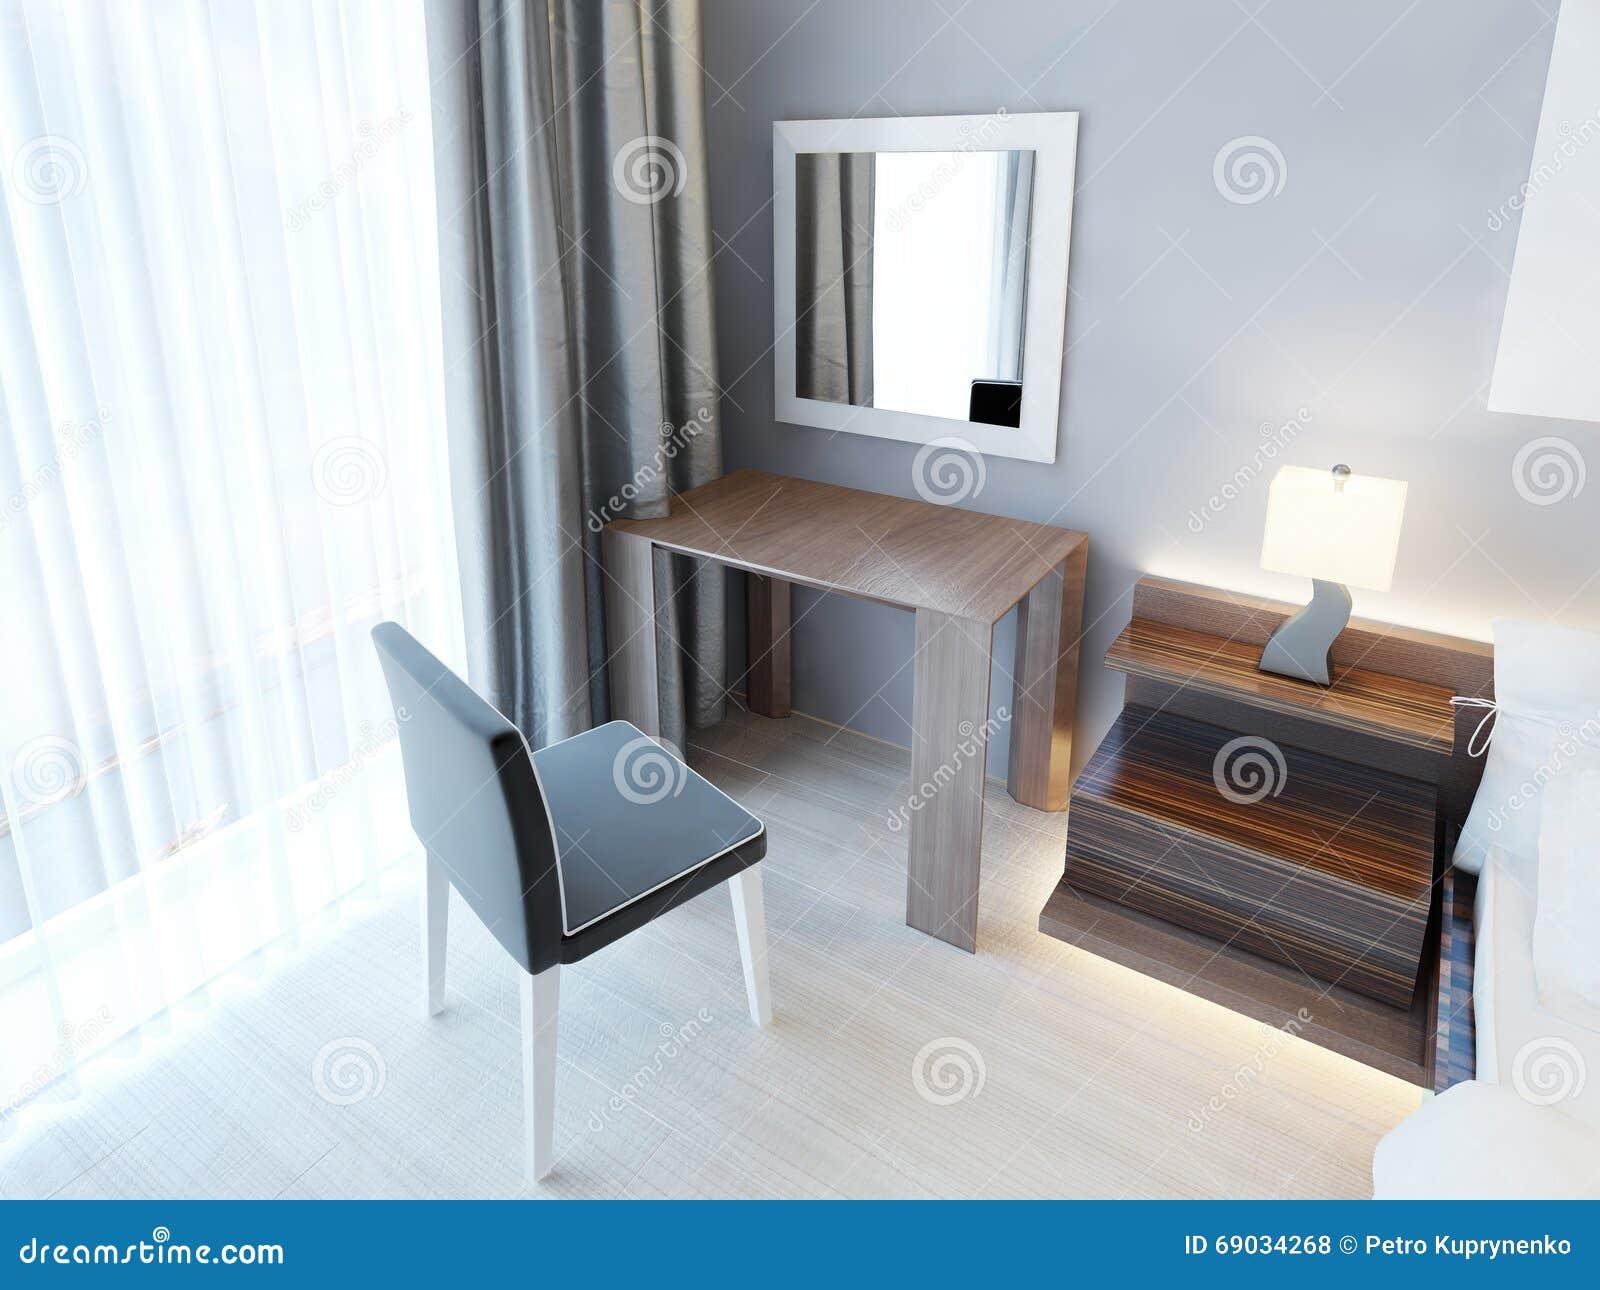 Toilettafel Met Spiegel.Moderne Toilettafel Met Stoel En Spiegel Stock Illustratie